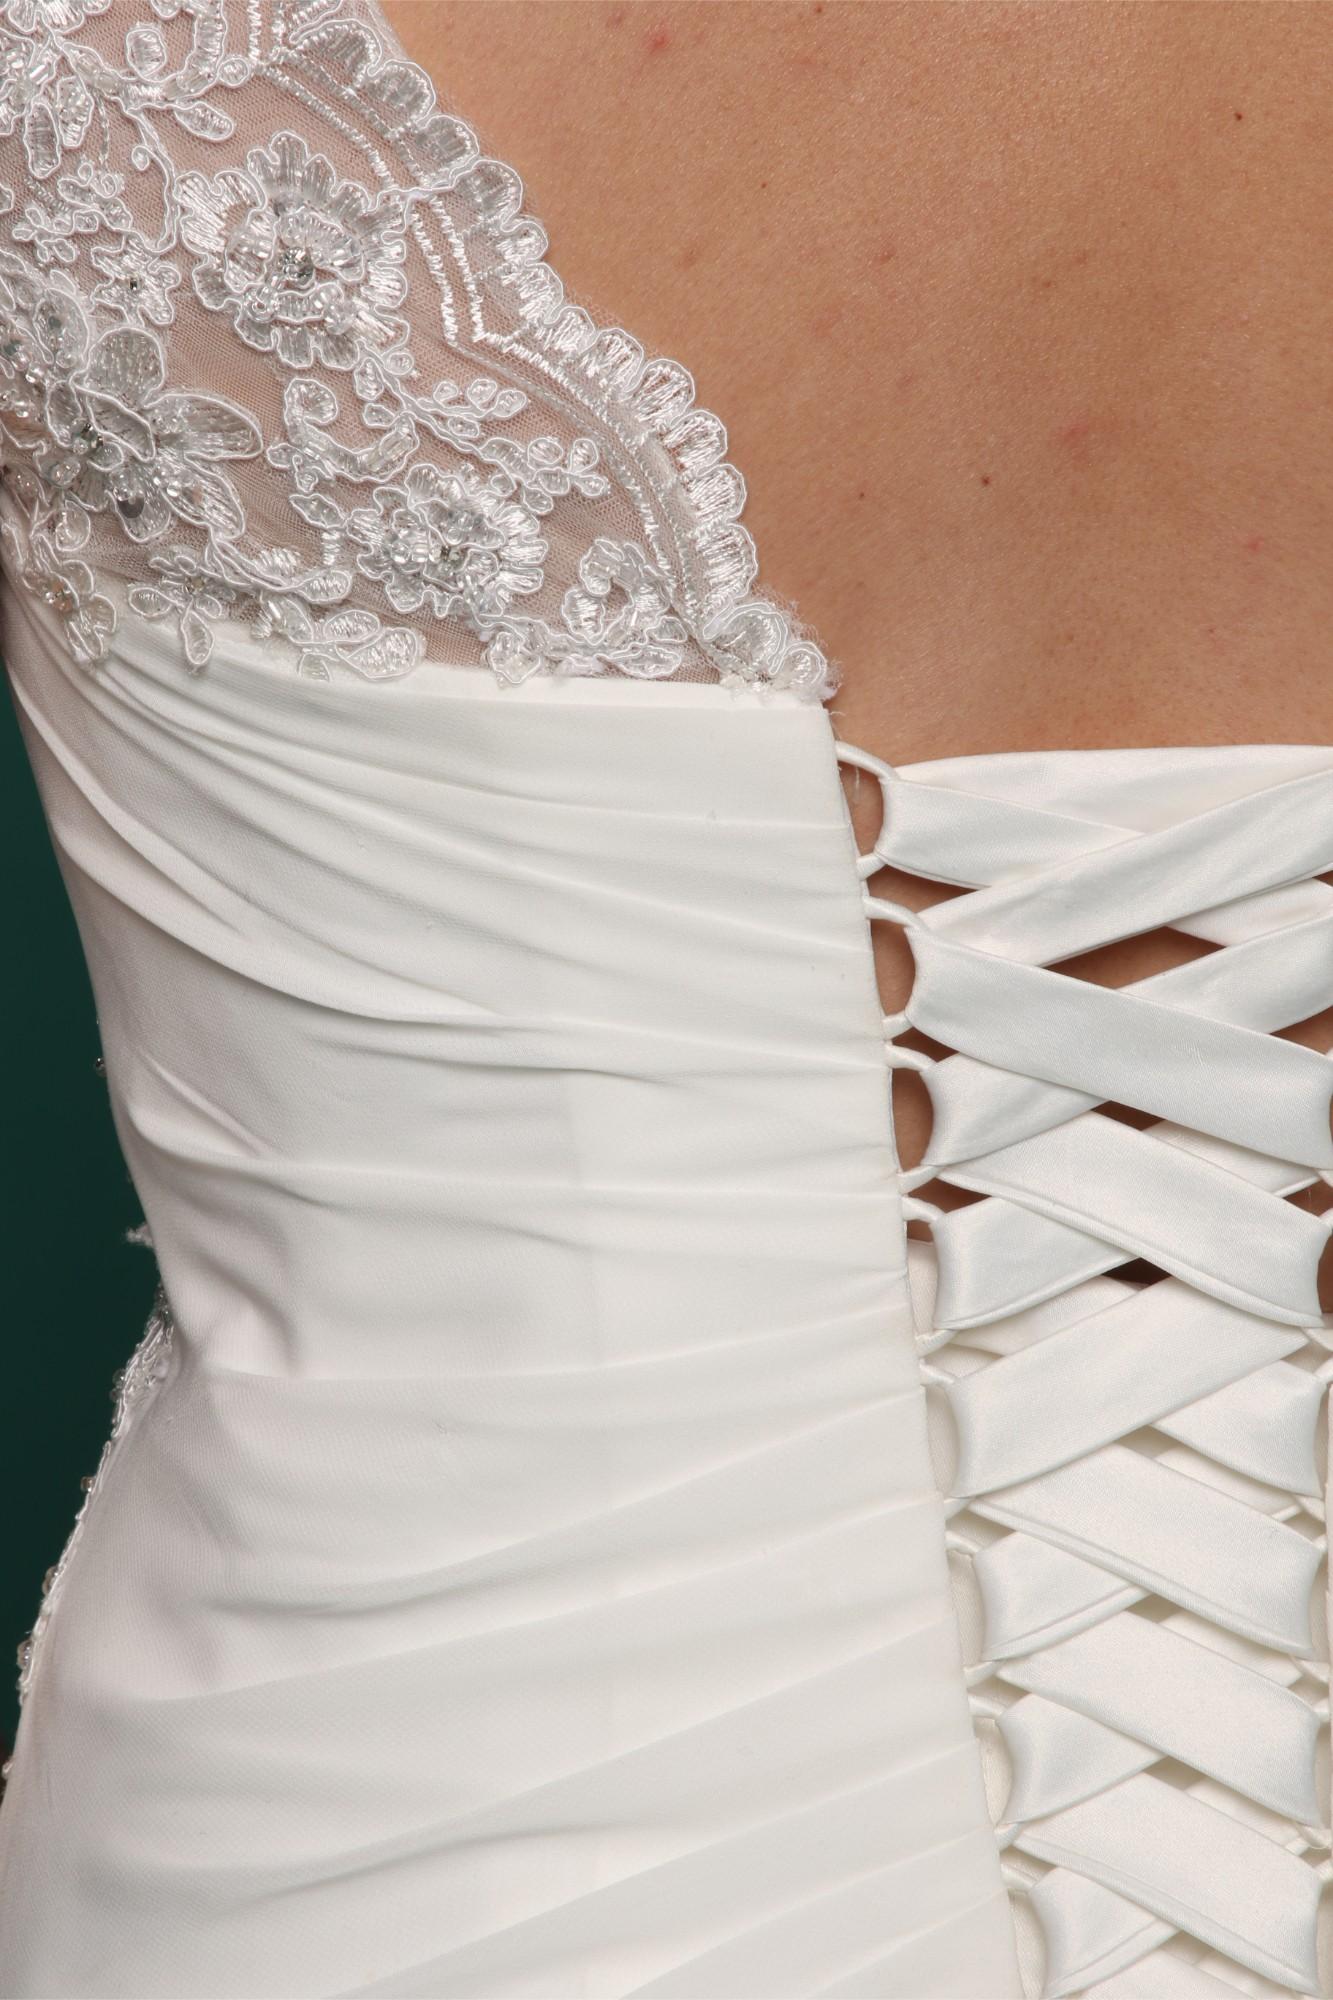 Robe de Coeur - Robe de mariée - Albi - Tarn - créateur- création - pièce unique